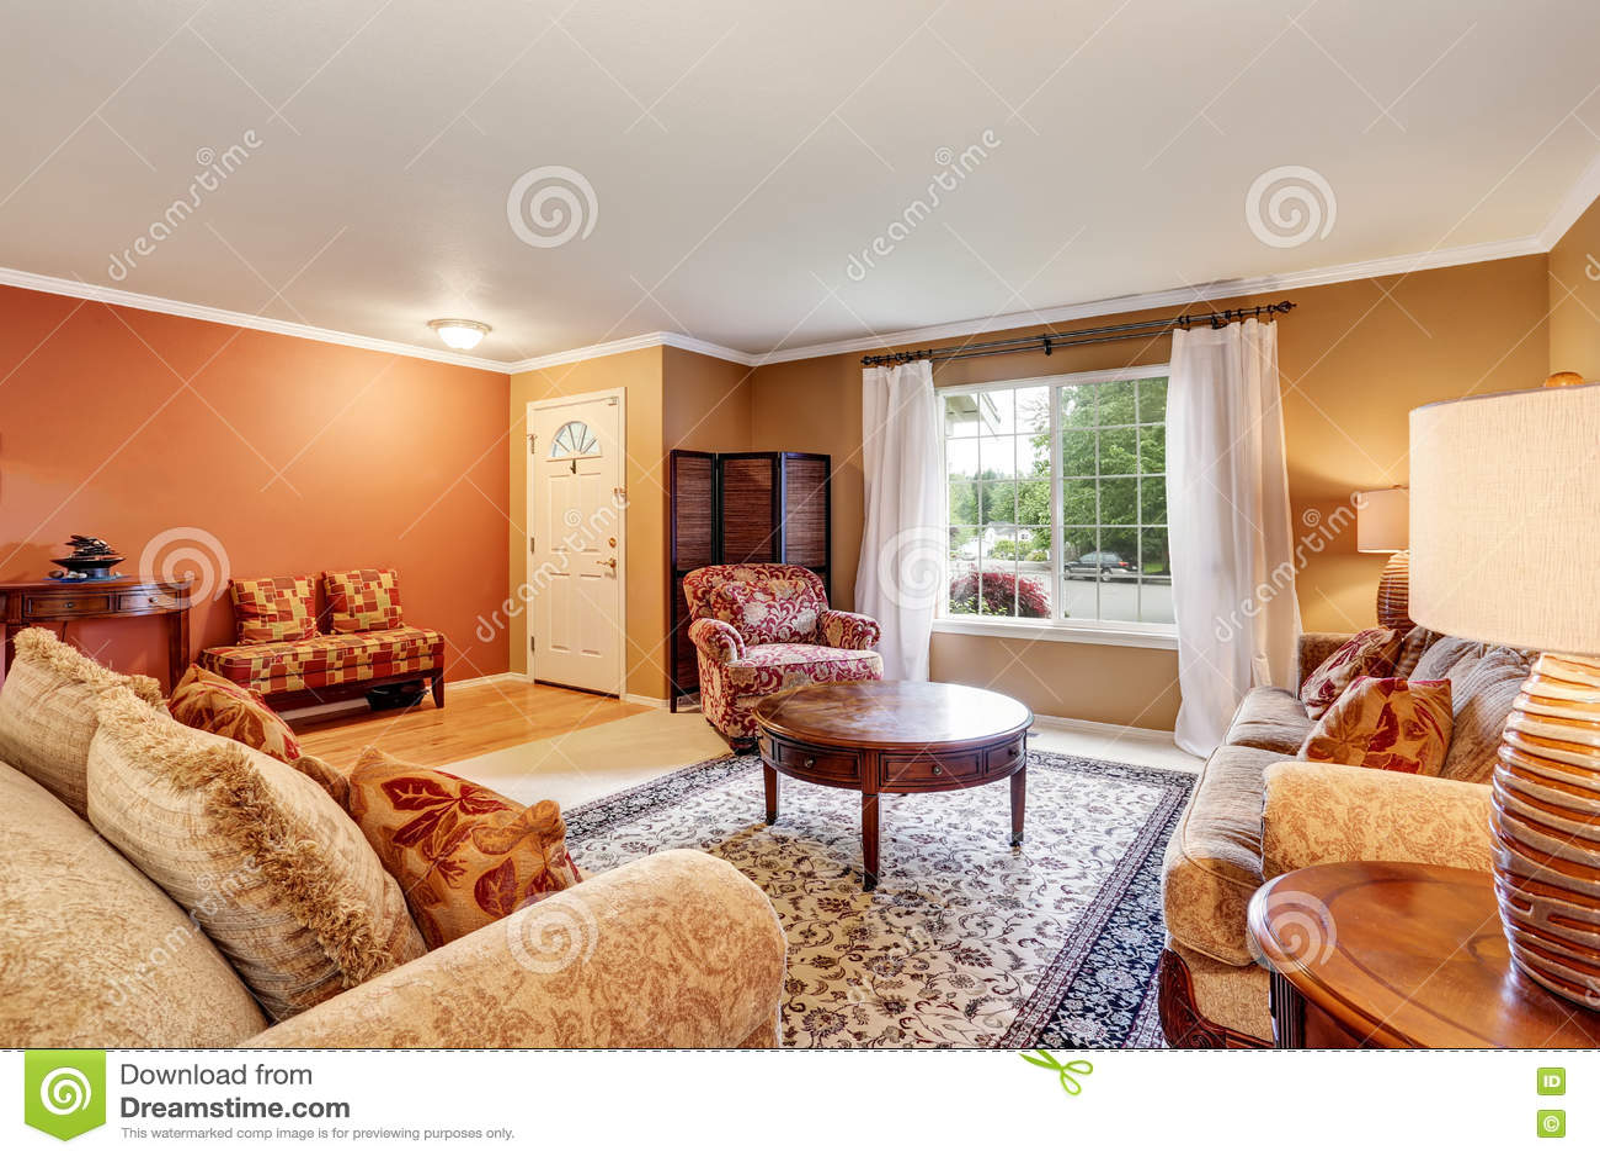 Pareti Bianche E Beige : Interno tradizionale del salone con le pareti beige la coperta e